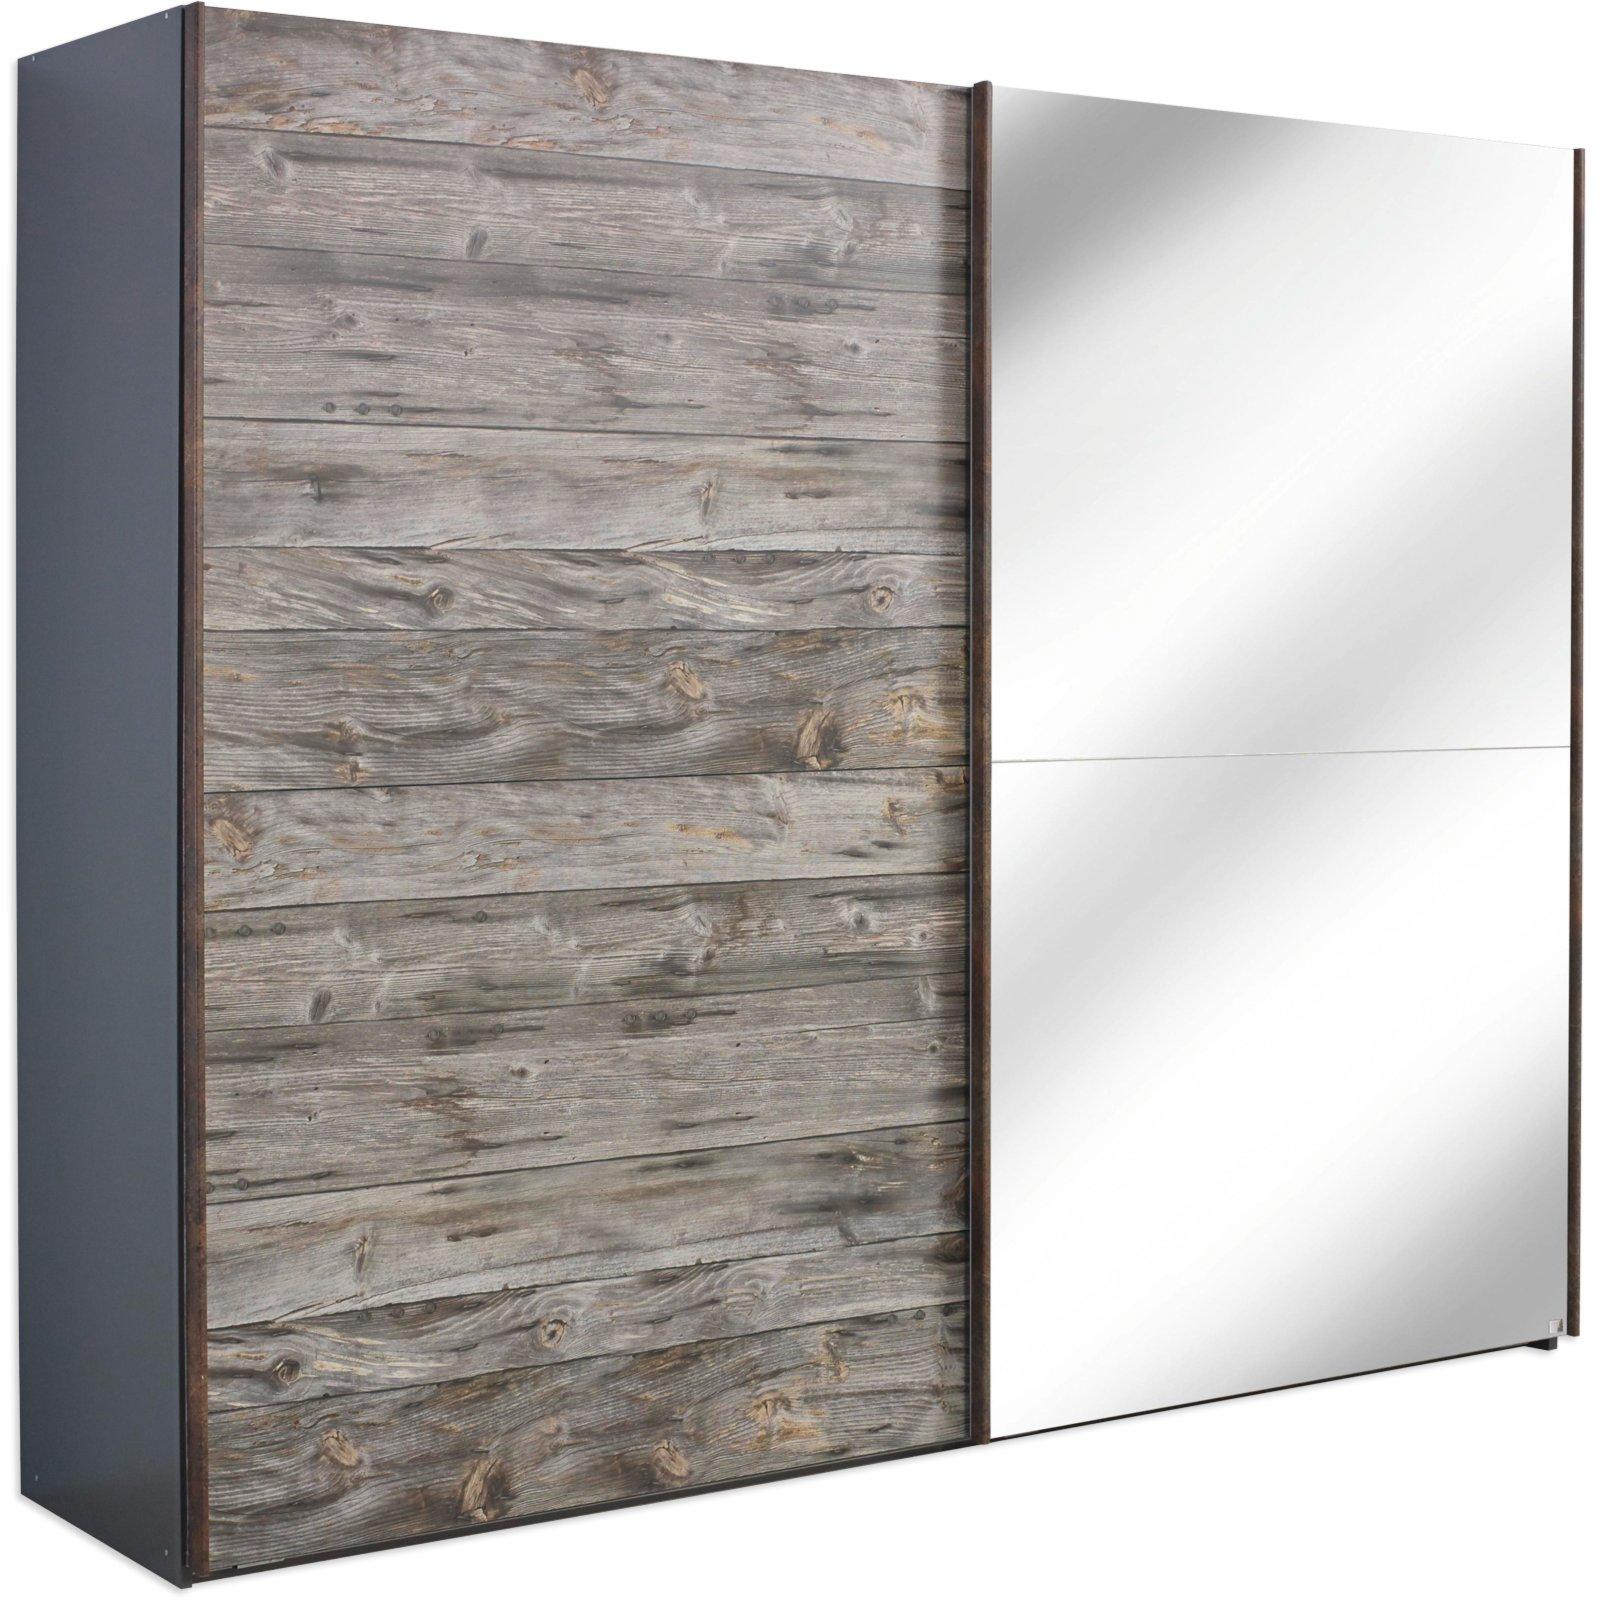 schwebet renschrank timberstyle grau holzoptik 250 cm breit schlafzimmer timberstyle. Black Bedroom Furniture Sets. Home Design Ideas